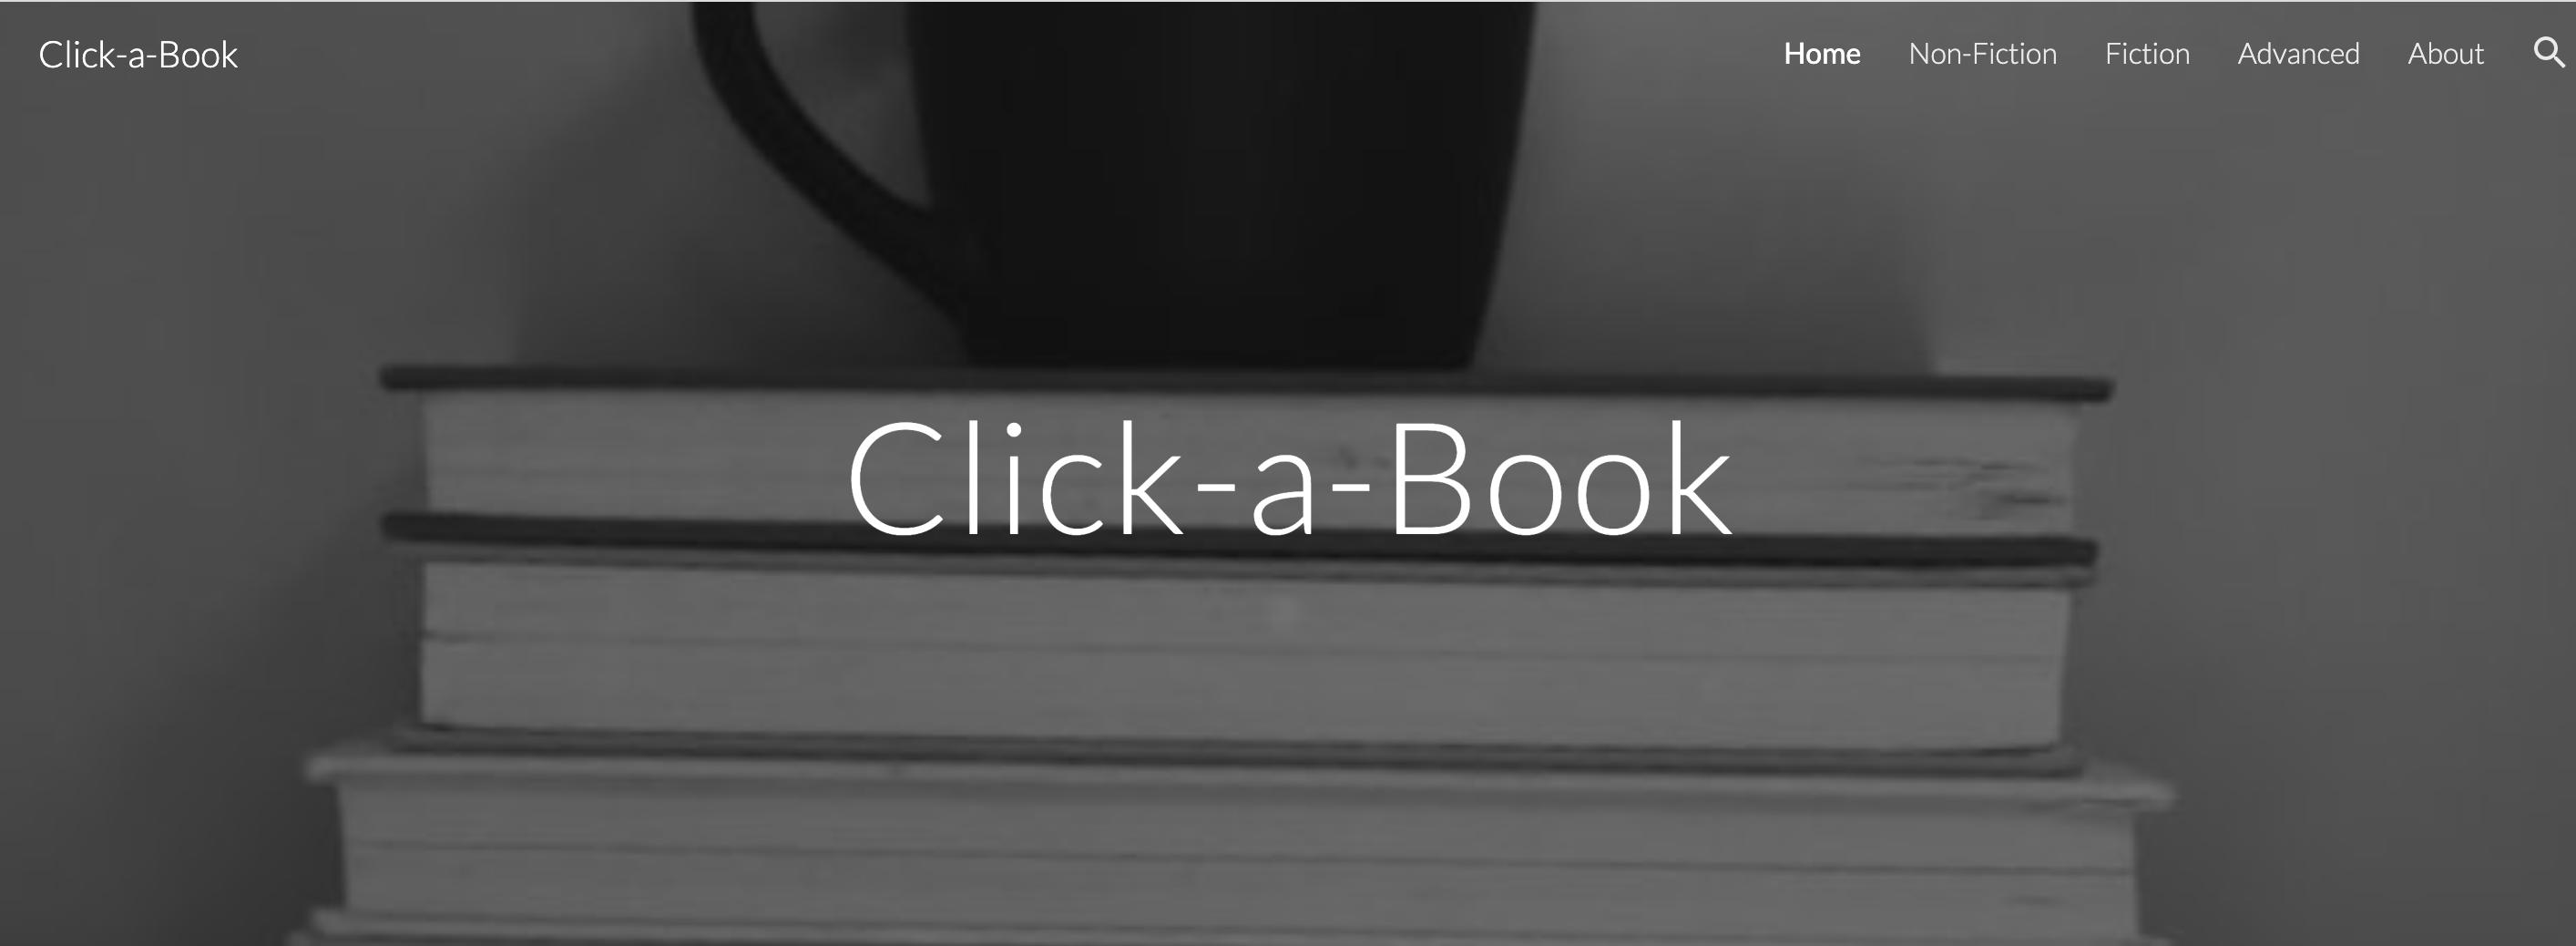 click a book website icon